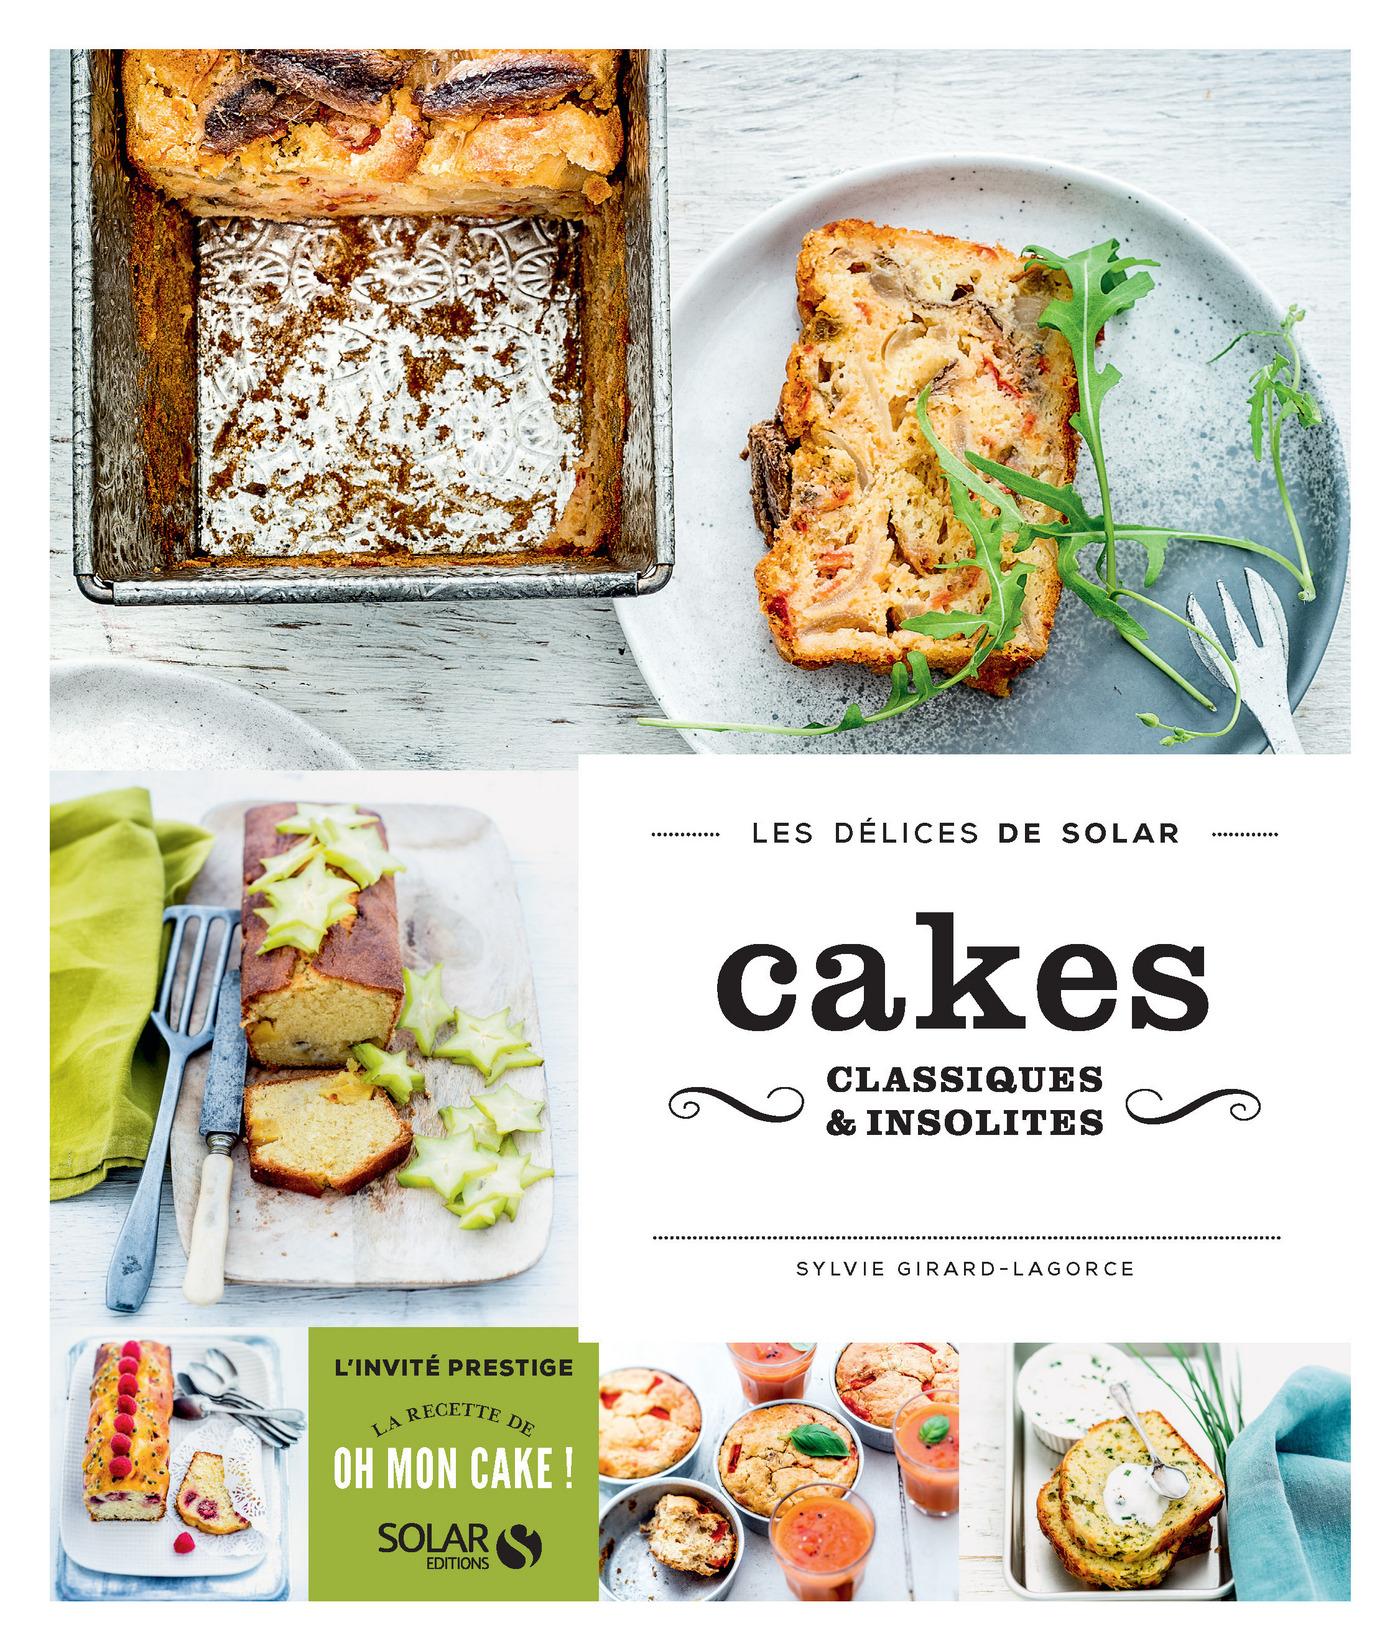 Cakes classiques et insolites - Les délices de Solar (ebook)